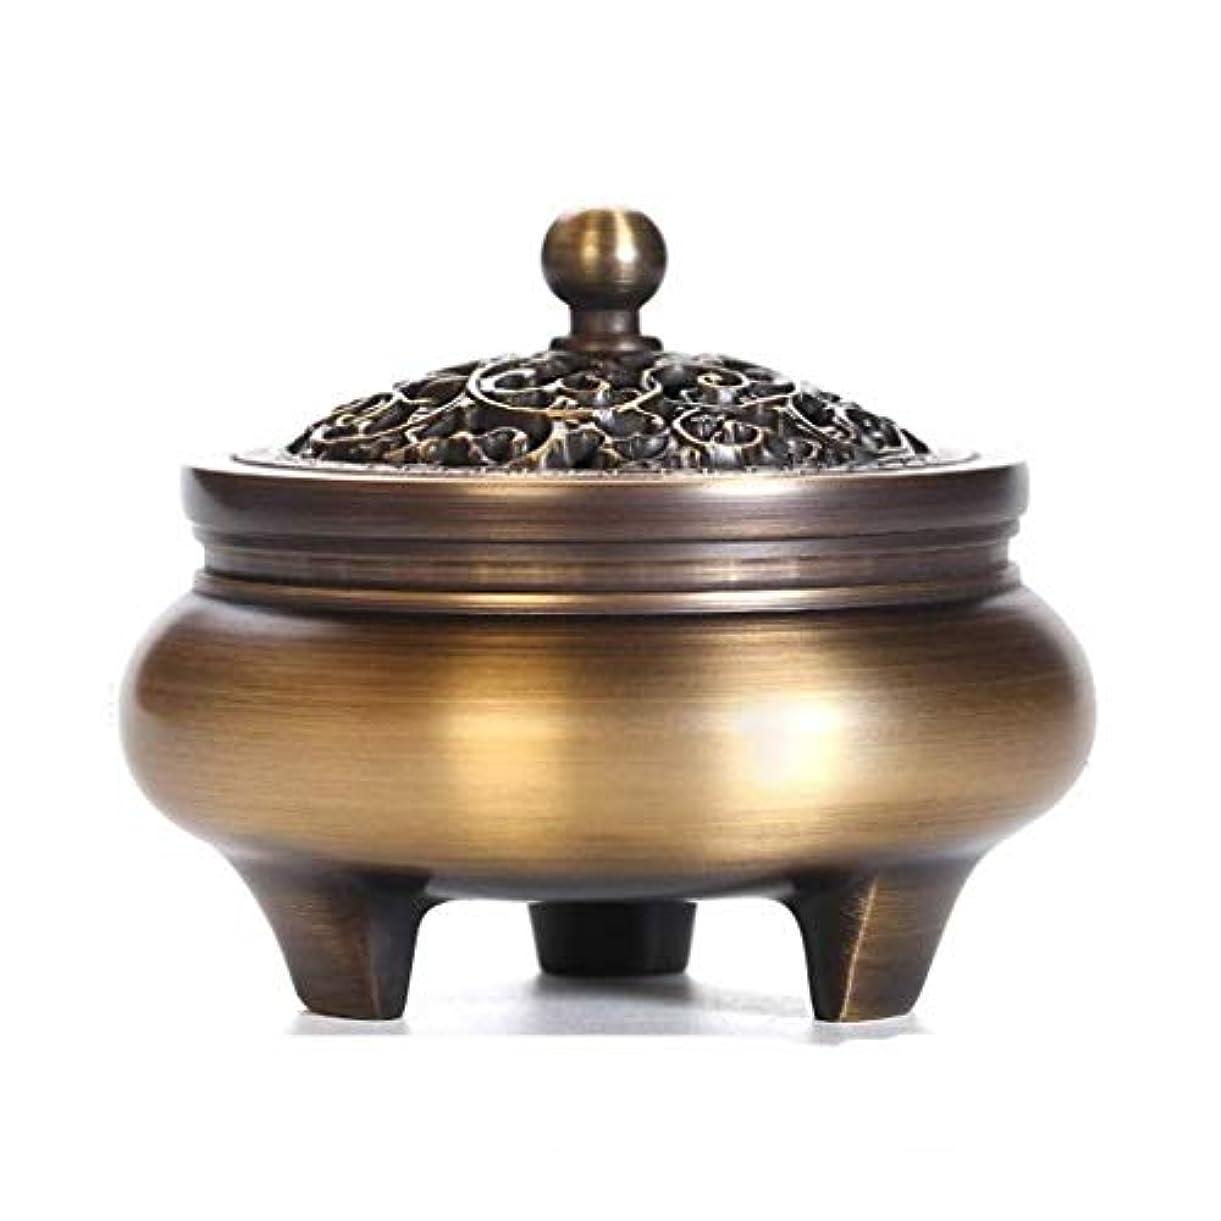 願うスキーム多年生芳香器?アロマバーナー 純粋な銅三脚家庭用香炉プロセス香バーナーホーム屋内アロマセラピー炉の装飾 アロマバーナー芳香器 (Color : Brass)